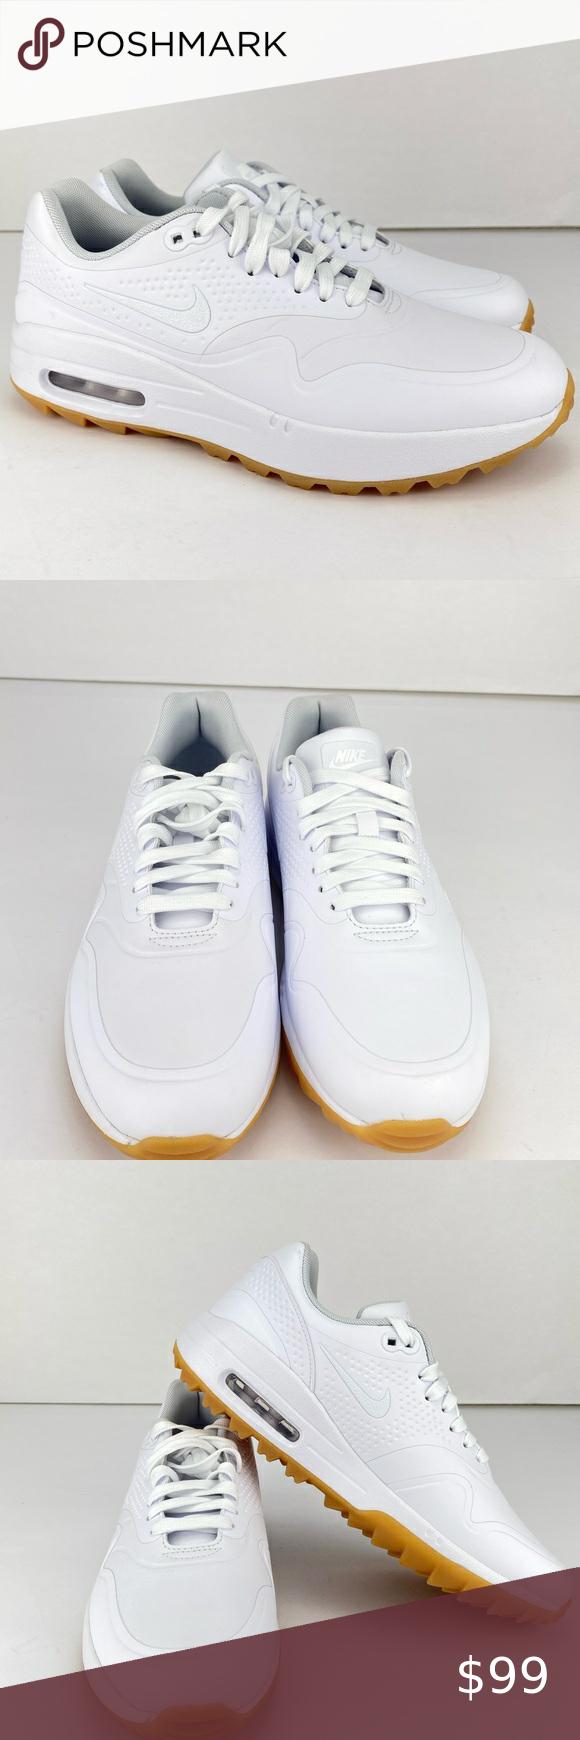 Nike Air Max 1 Women S Golf Shoes Size 8 5 Nike Air Max 1 Women S Golf Shoes Spikeless White Gum Aq0865 100 Size 8 5 In 2020 Womens Golf Shoes Nike Air Max Golf Shoes